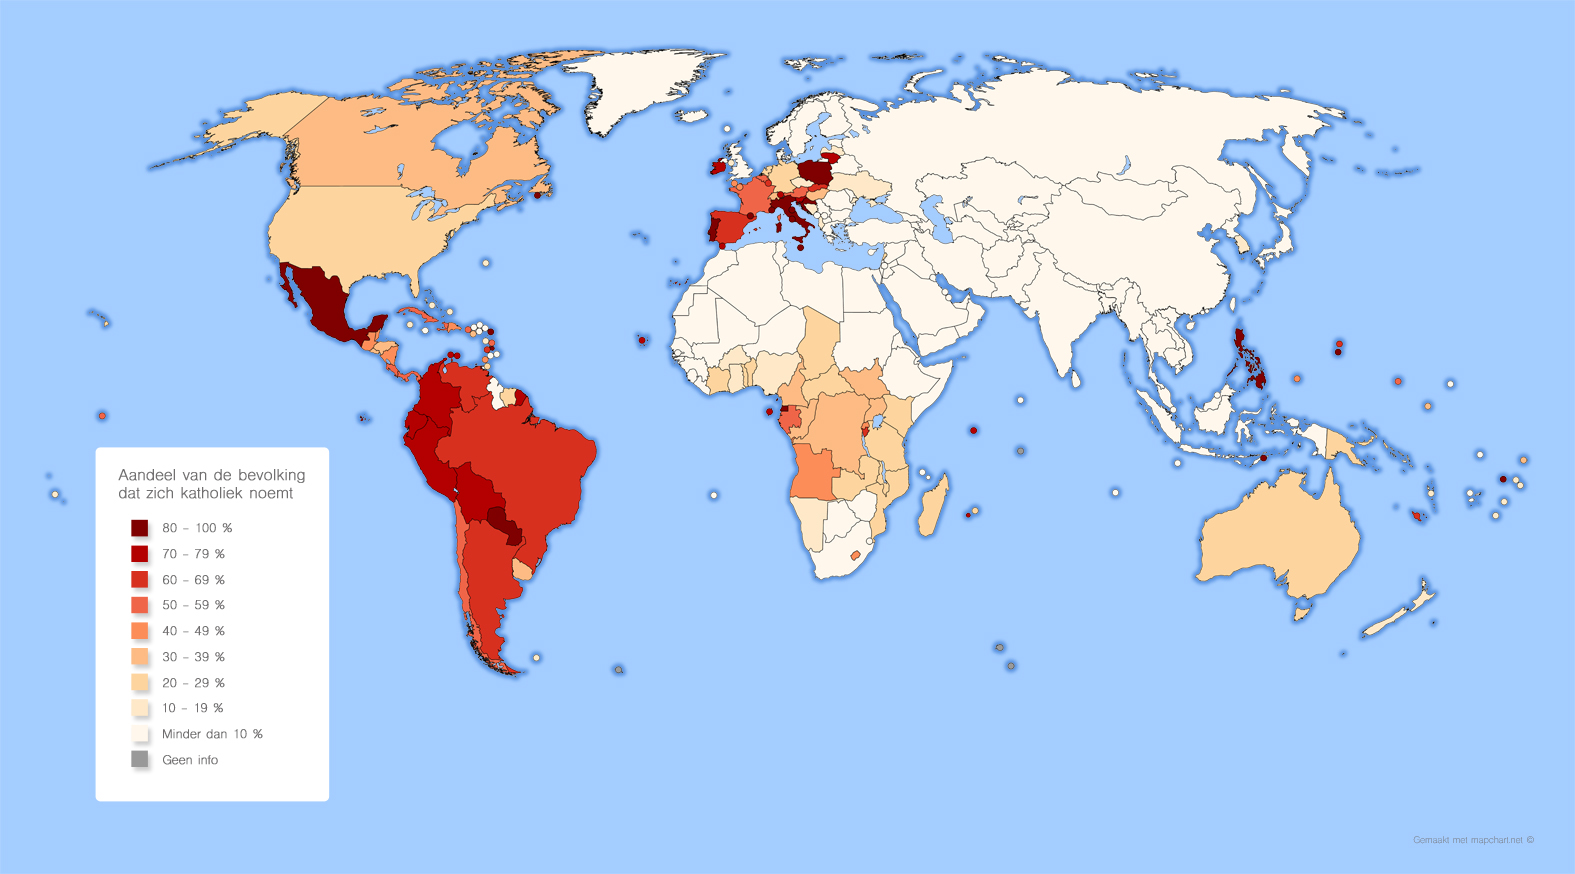 Kaart: Aandeel bevolking dat zich katholiek noemt (2019)